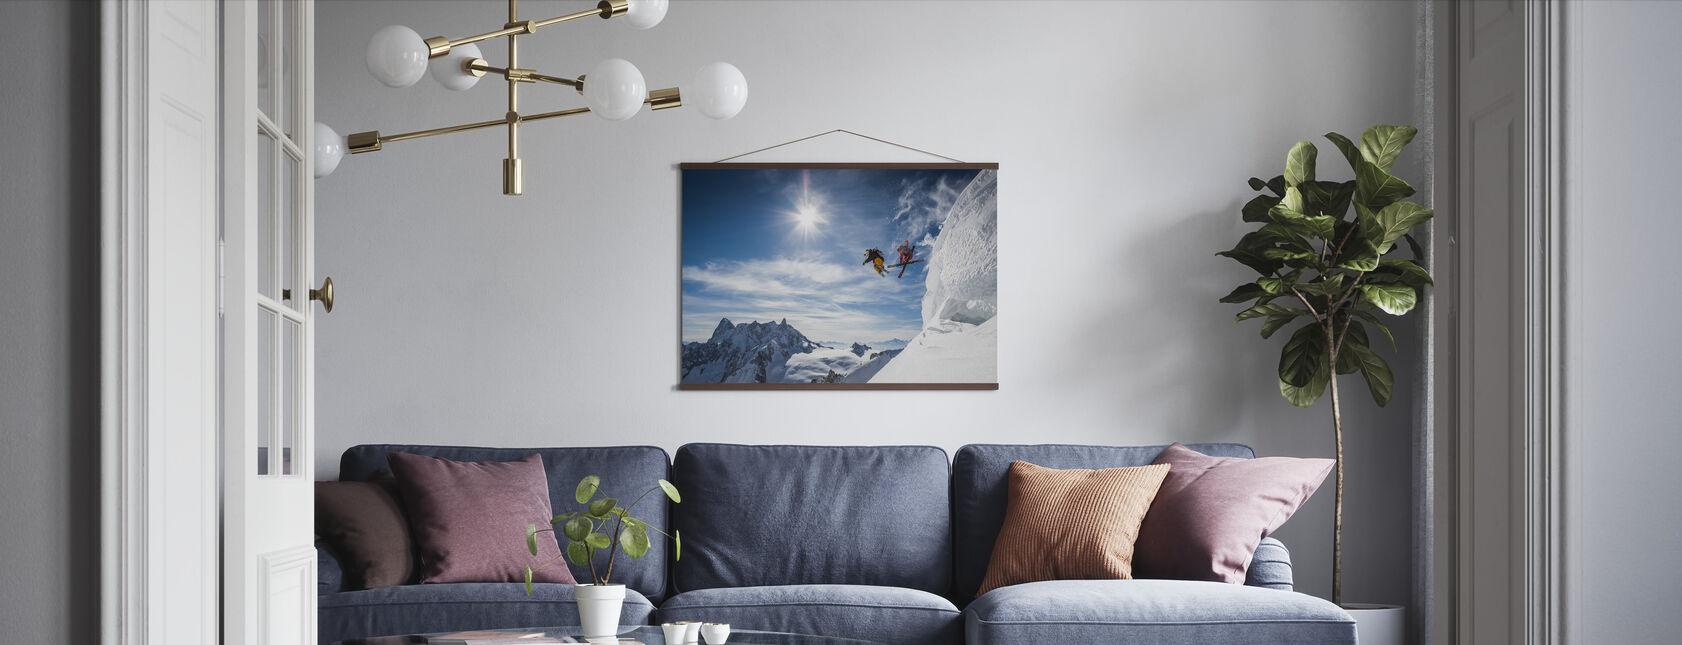 Hoppande legender - Poster - Vardagsrum